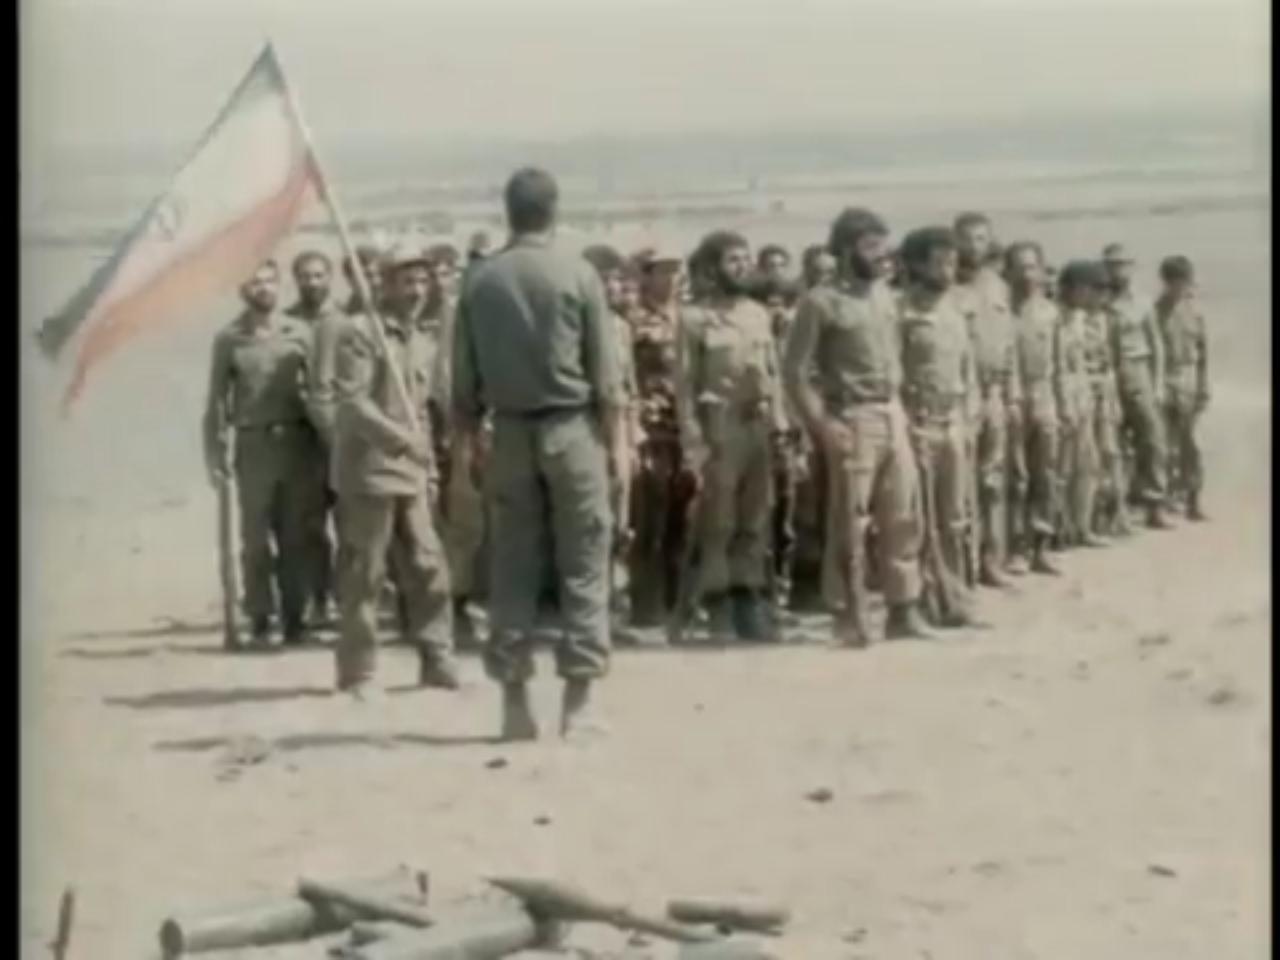 iran iraq Iraq recibió amplio apoyo de arabia saudí, kuwait y otros estados árabes (uno de los rasgos del conflicto era el histórico enfrentamiento entre árabes y.